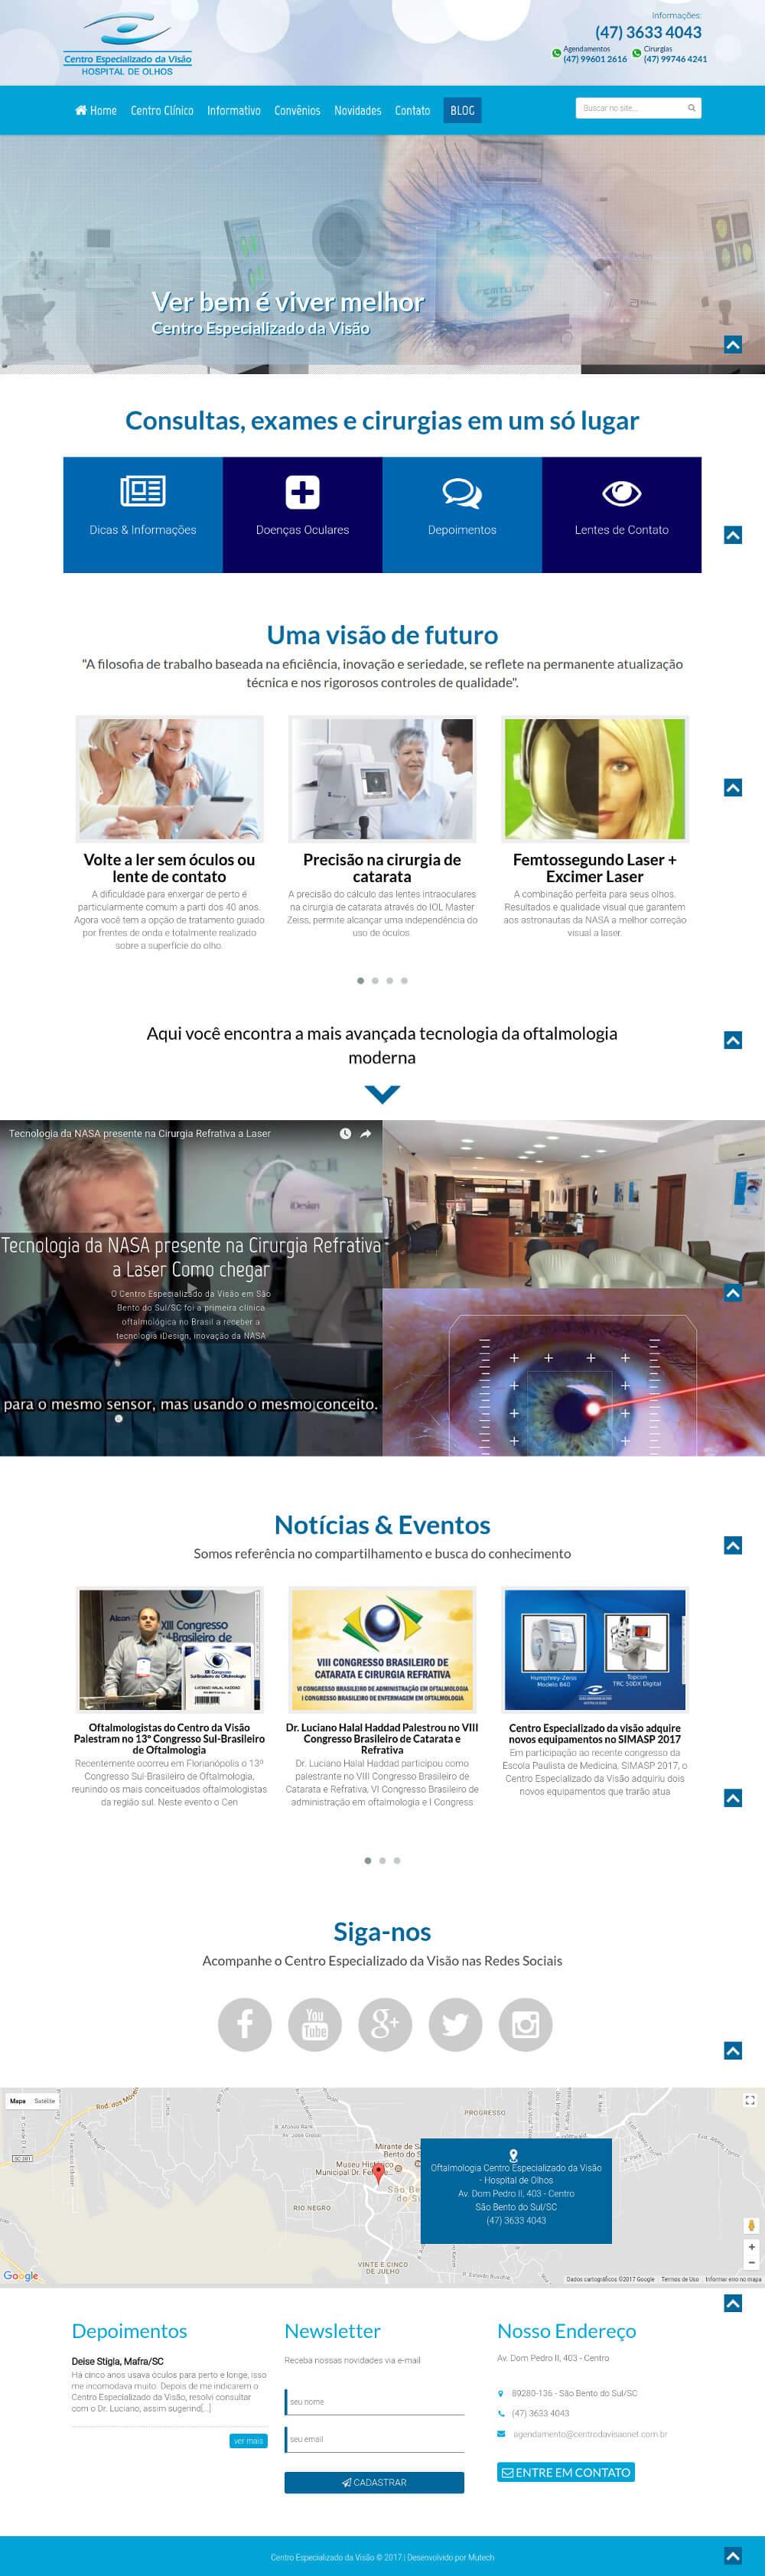 Website institucional de um dos mais tradicionais Hospital de Olhos, Centro Especializado da Visão em São Bento do Sul/SC.